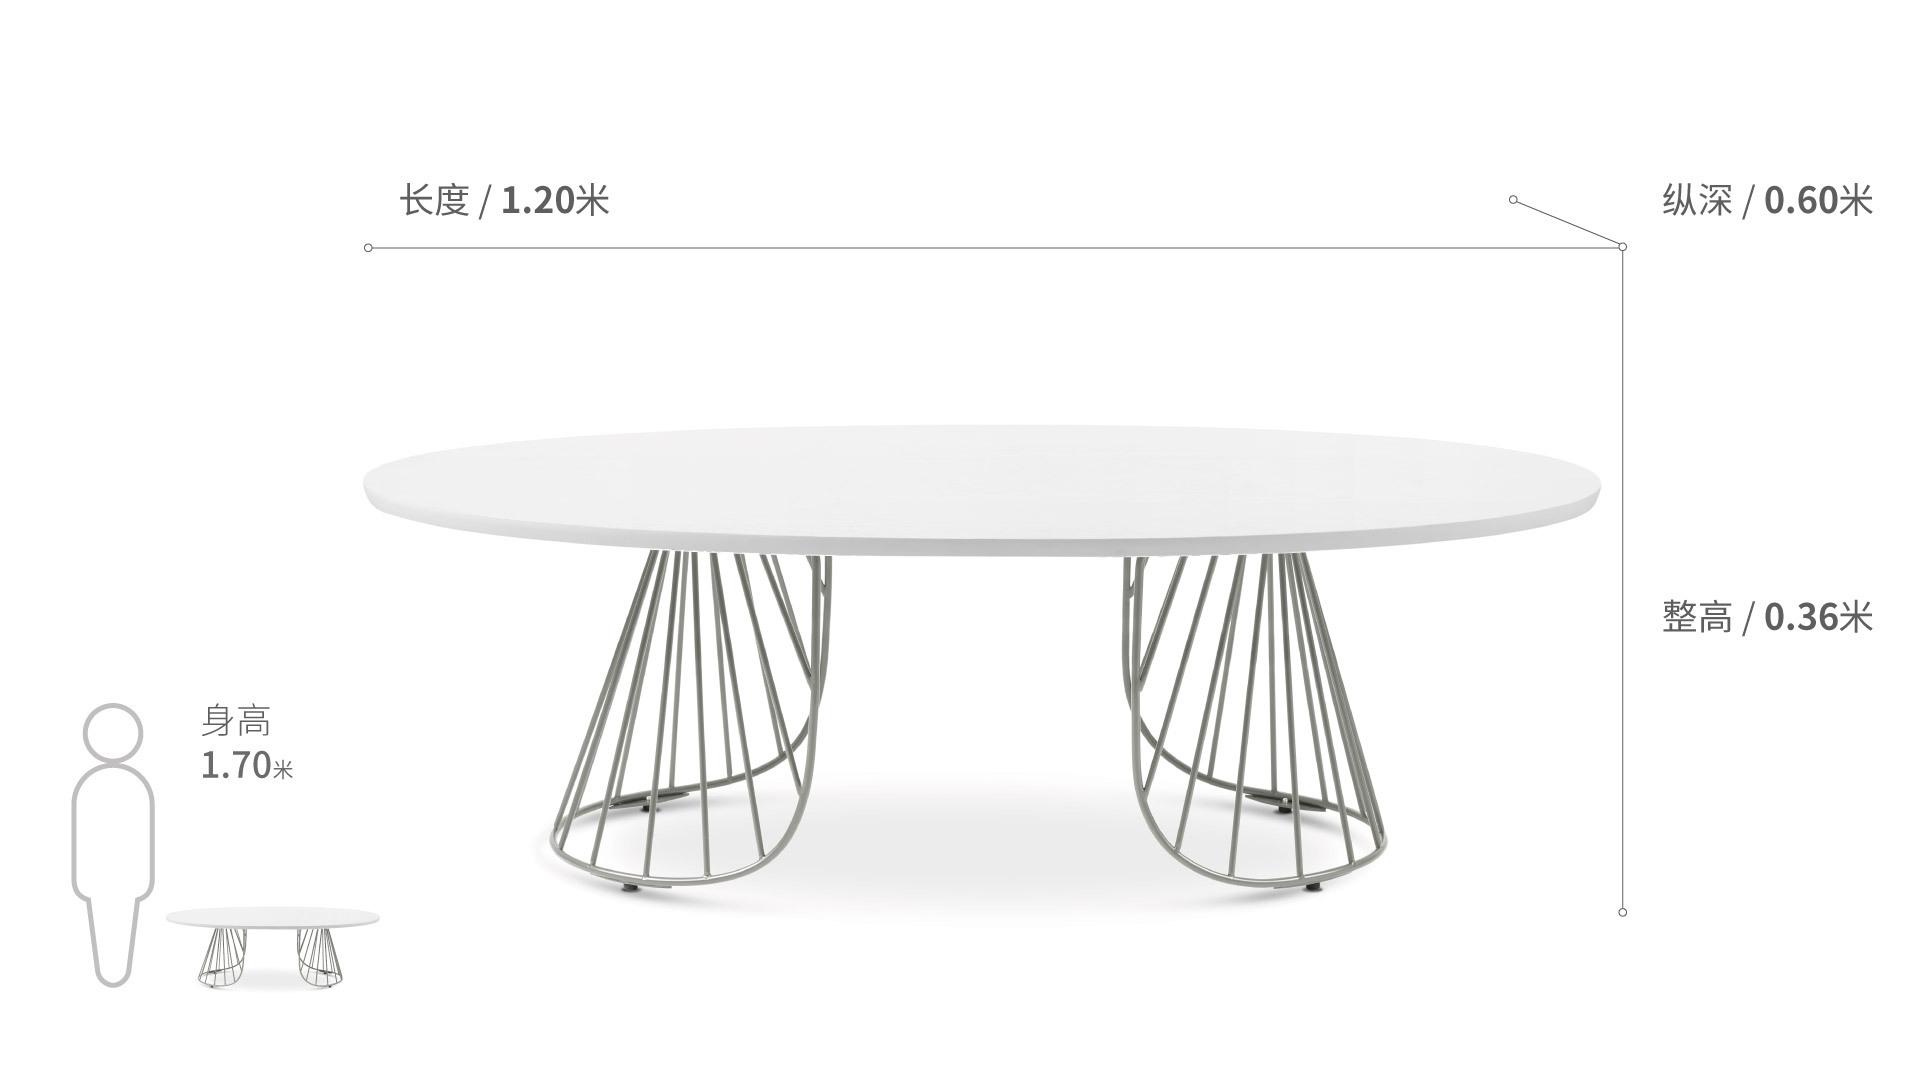 造作蝴蝶茶几™单层宽适版桌几效果图